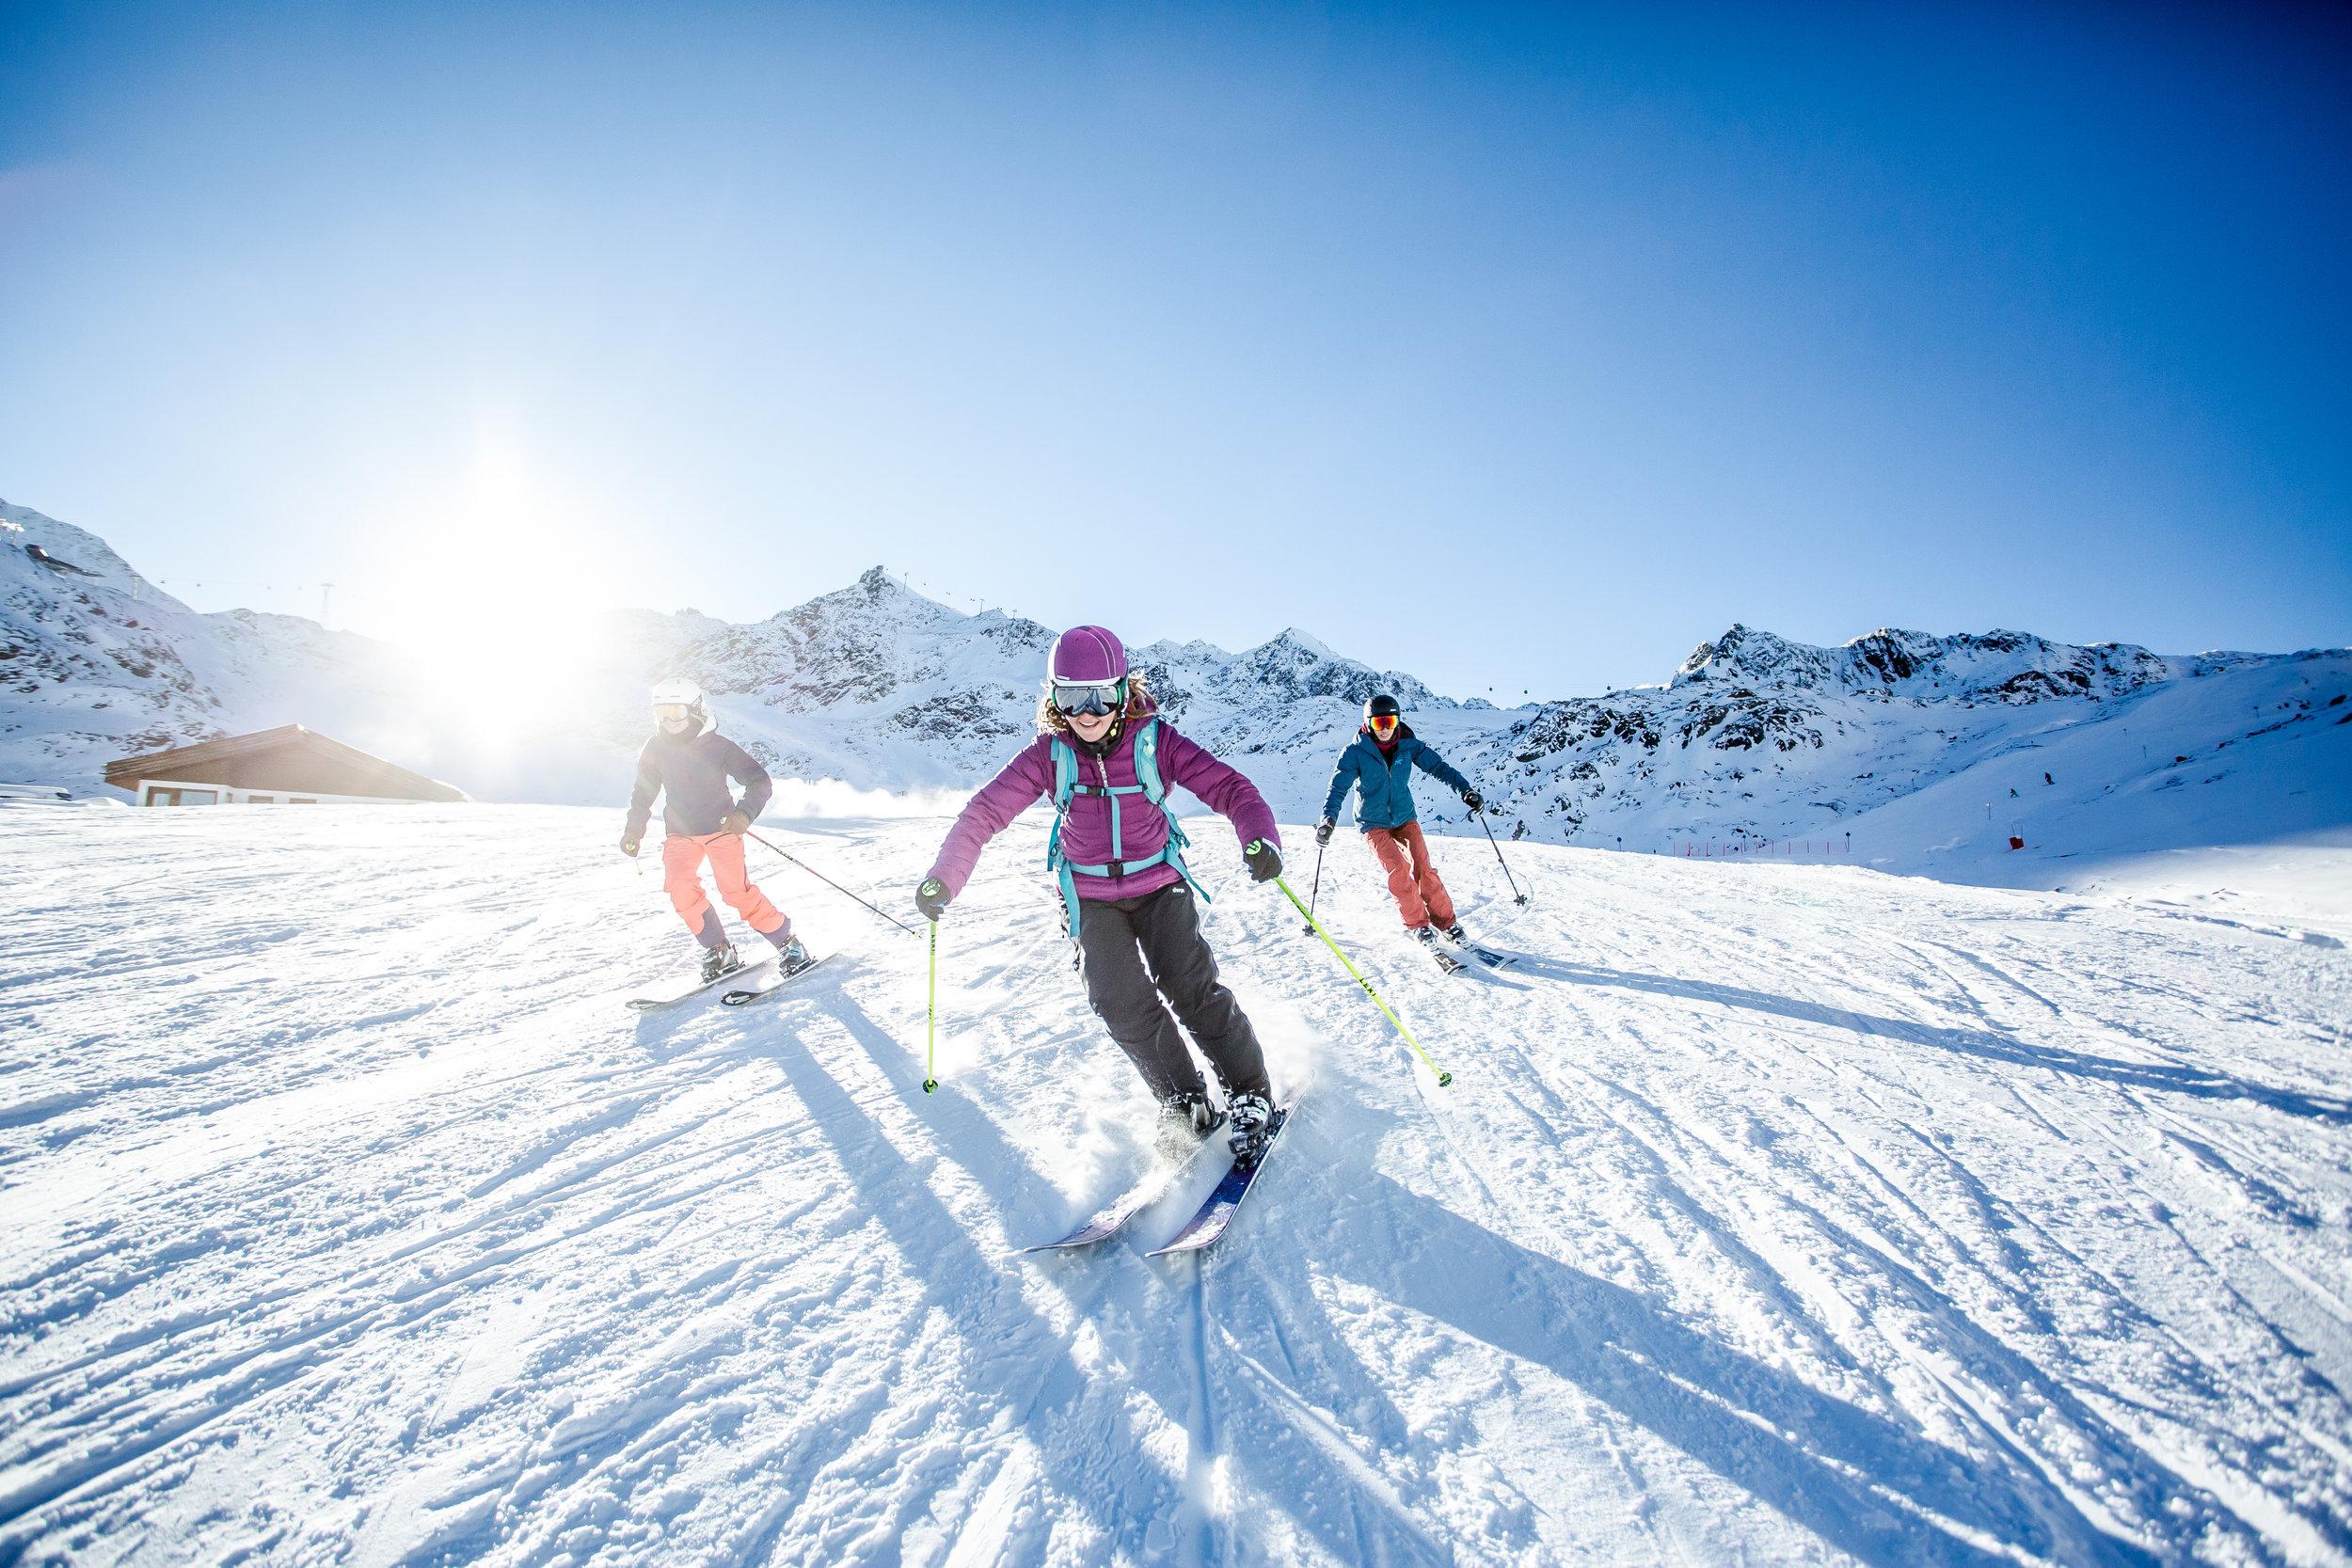 Bewusstseinsschulung und Technikverbesserung erleichtern dem Menschen die Bewegung auf Ski.die Schönheit der Natur unterstützt die Erfahrung, egal ob auf oder abseits der Piste. -